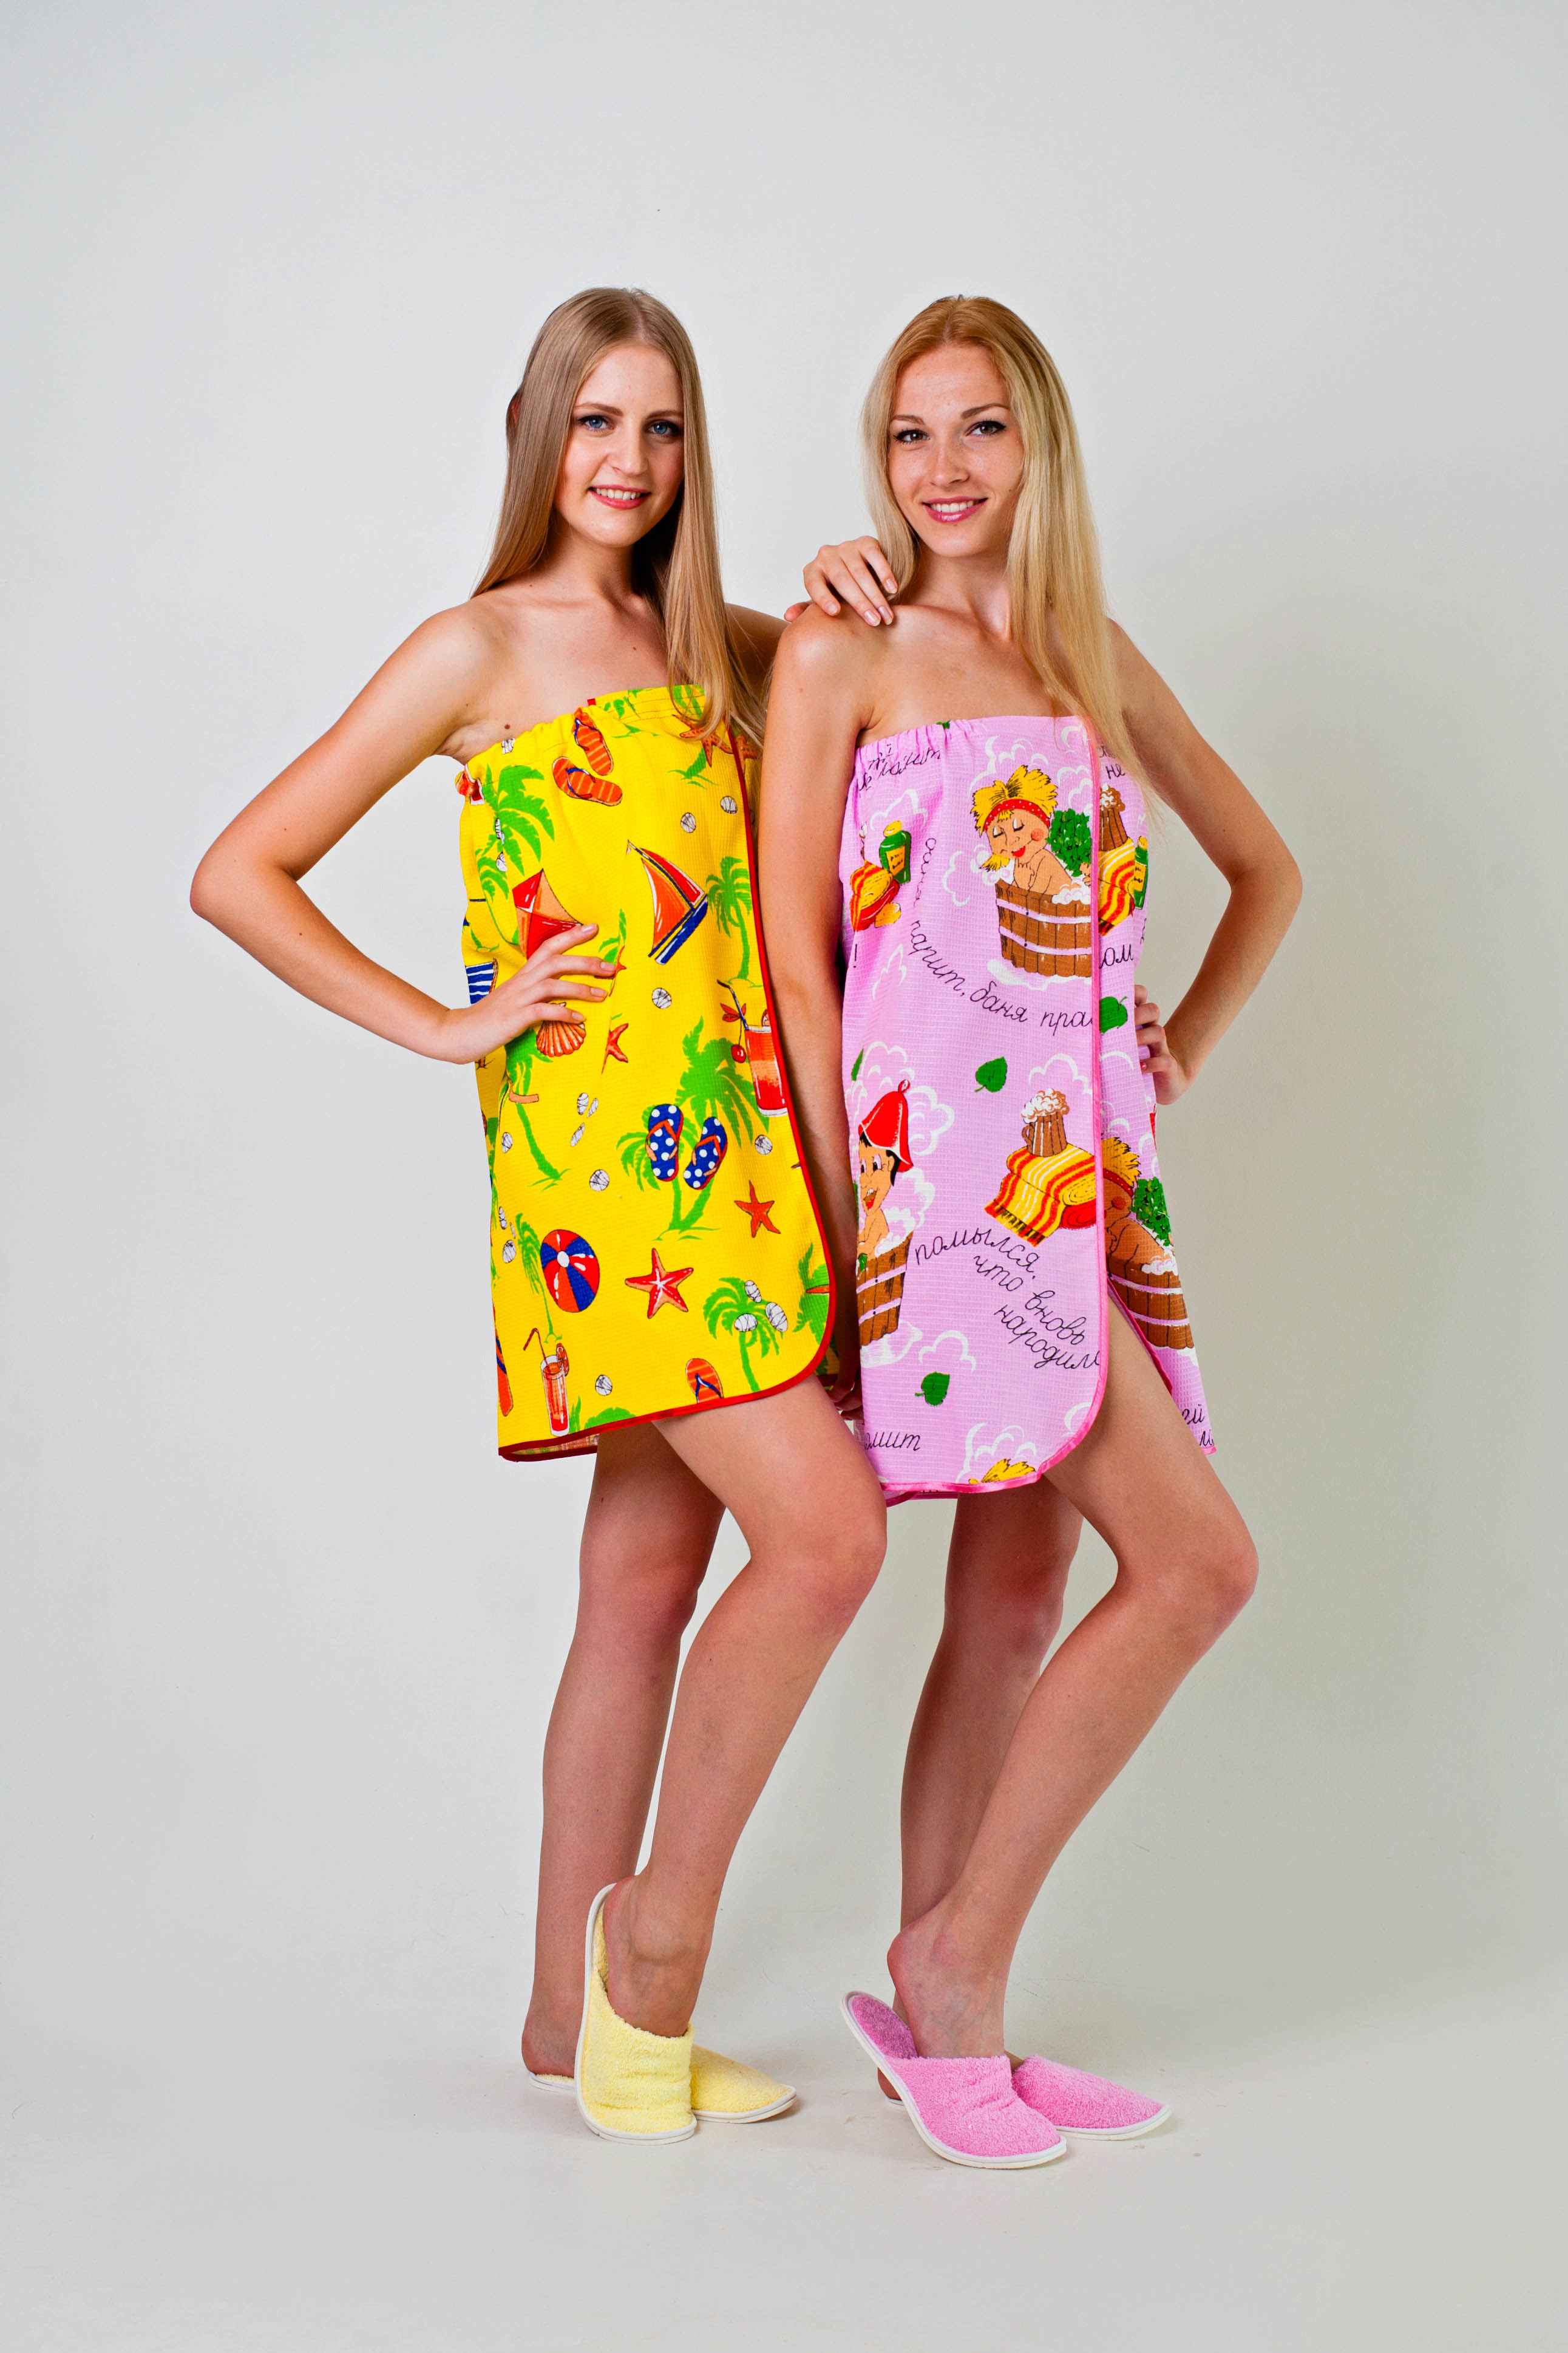 Полотенце-накидка женское Баня на липучке вафельноеНаборы для сауны<br><br><br>Размер: 54